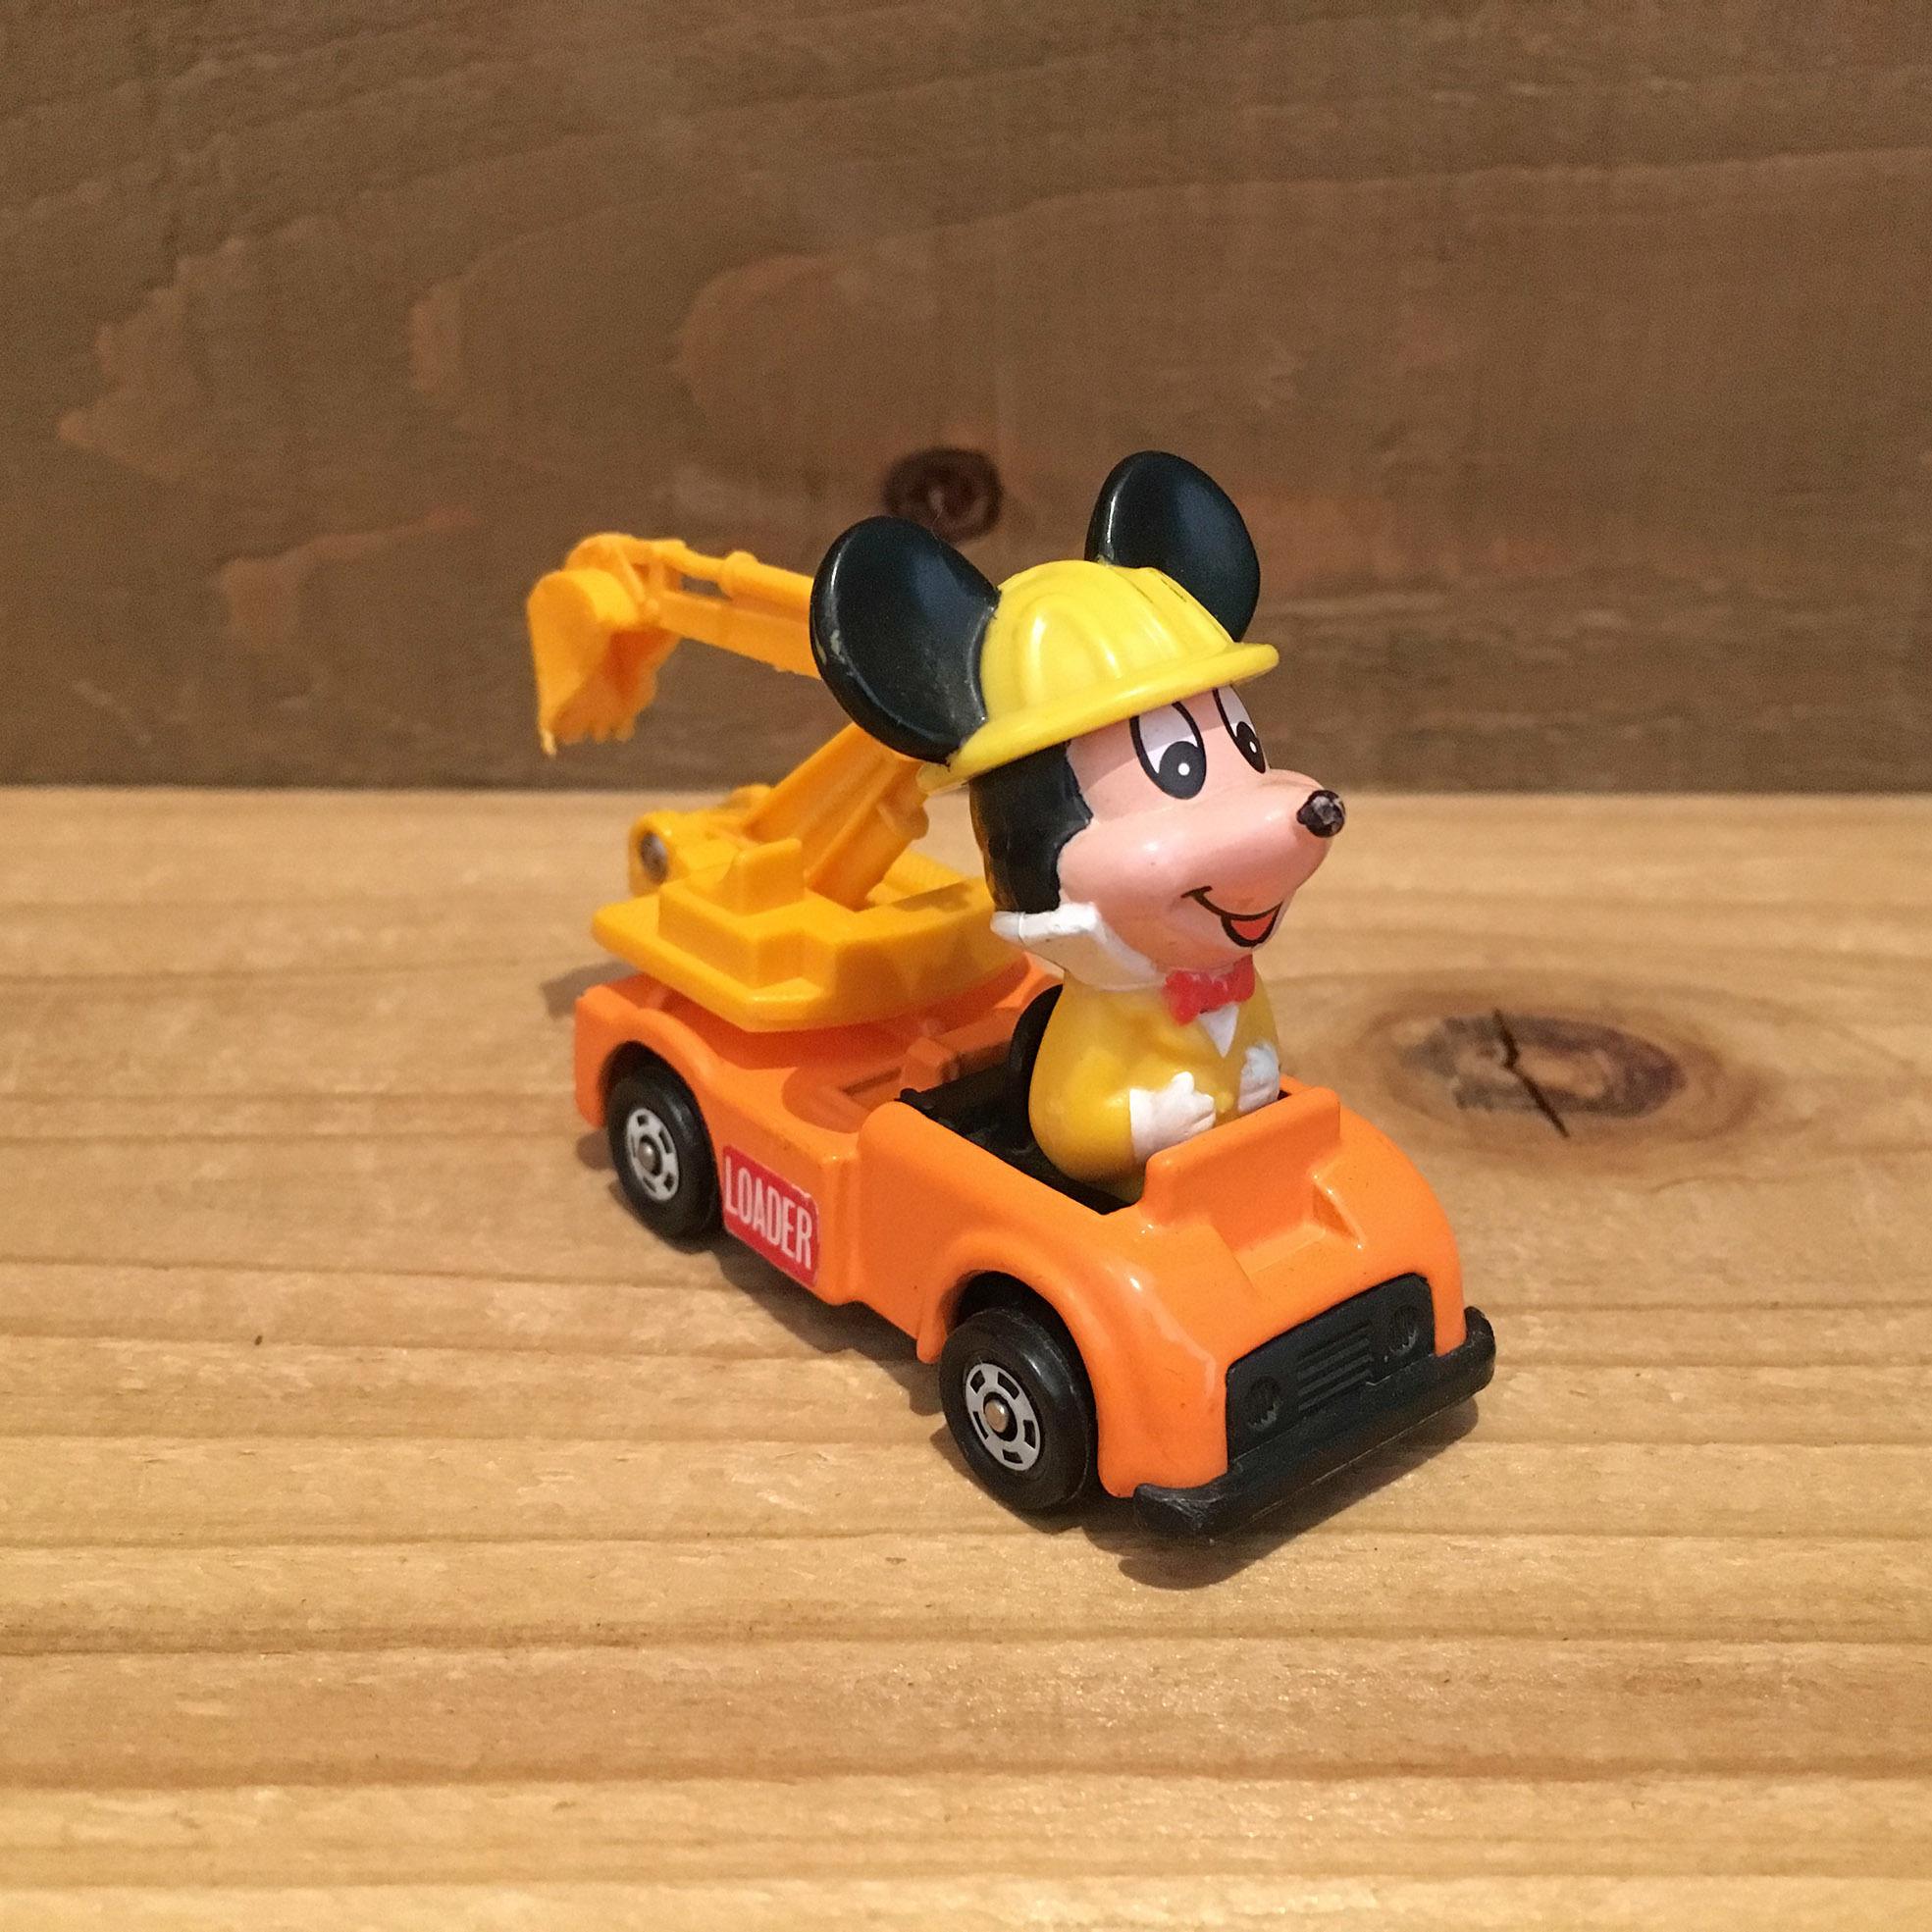 Disney Putica Mickey Mouse/ディズニー プチカ ミッキーのマイバックバックホー/180202-6